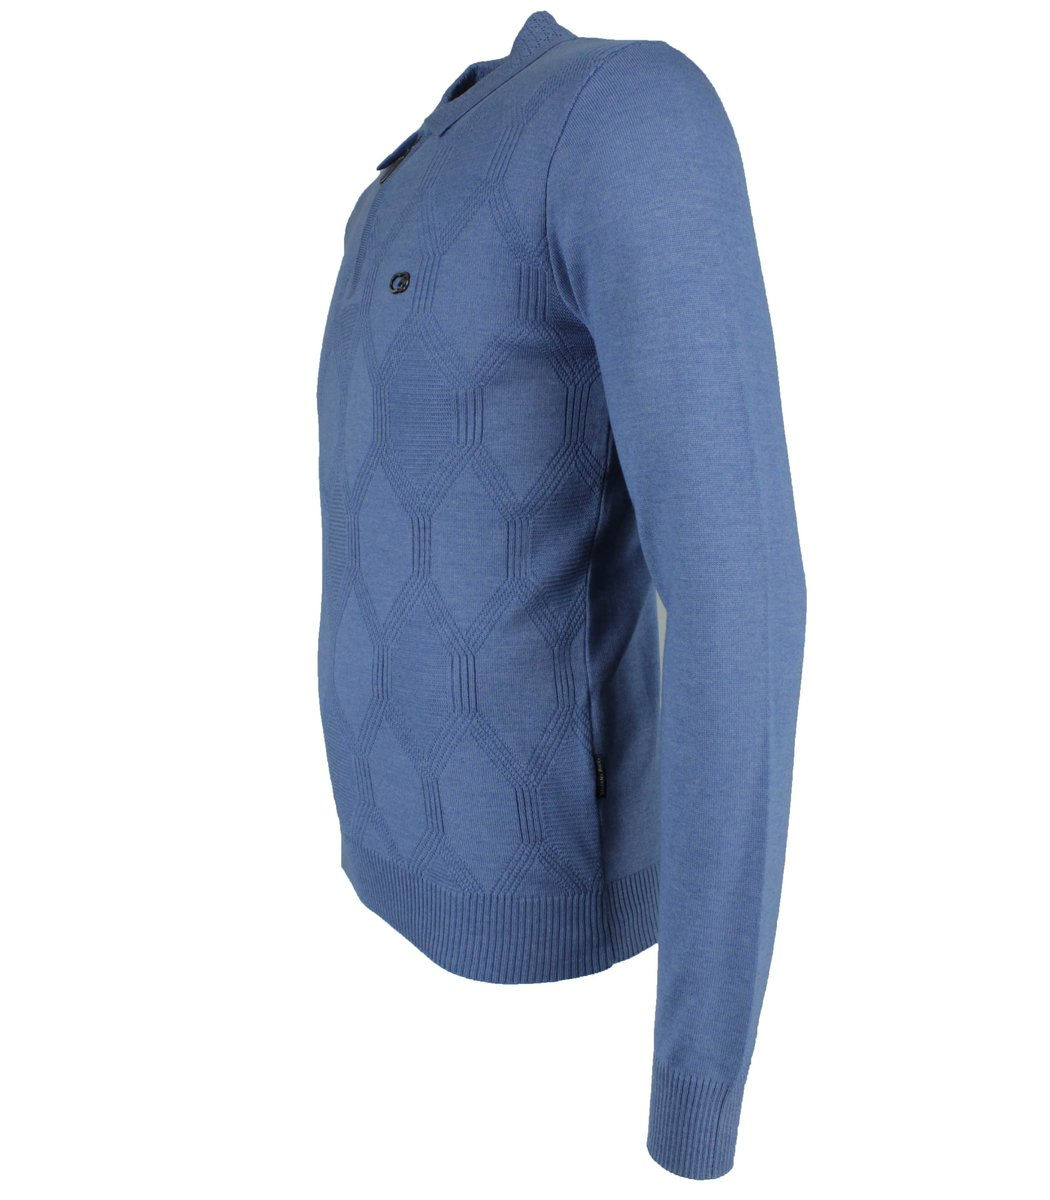 Голубое поло с длинным рукавом Stefano Ricci 6175